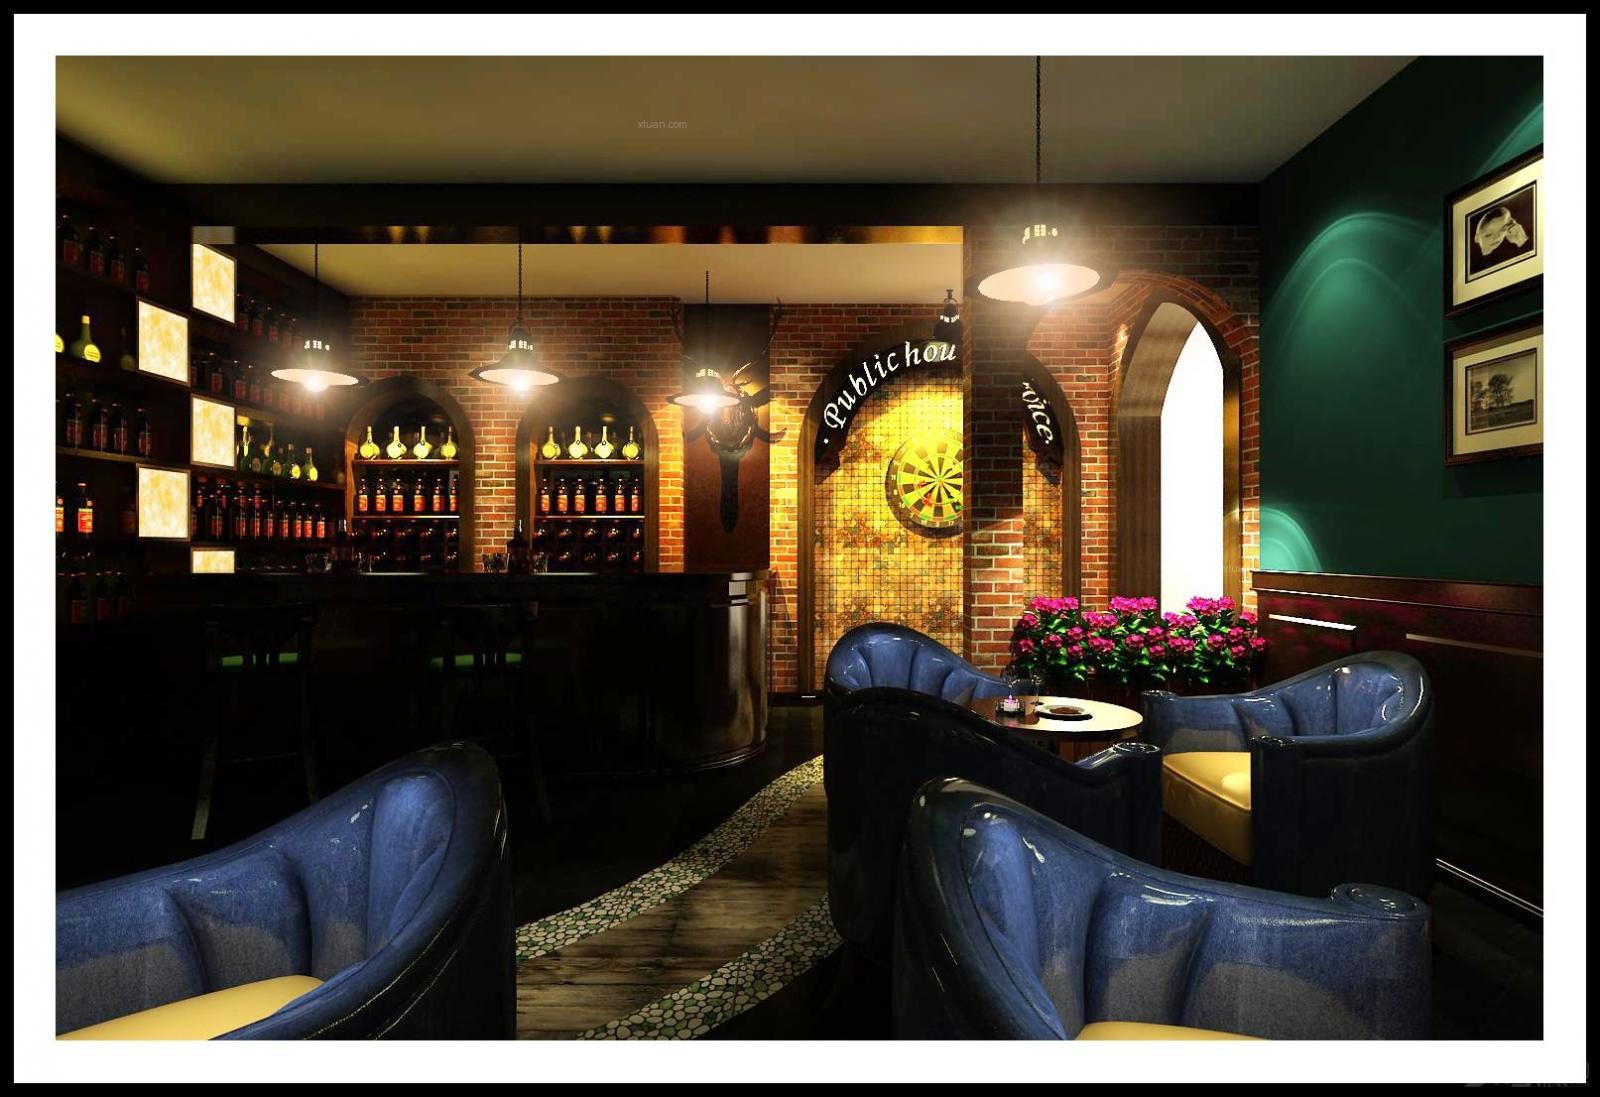 美式风格_酒吧装修效果图-x团装修网图片